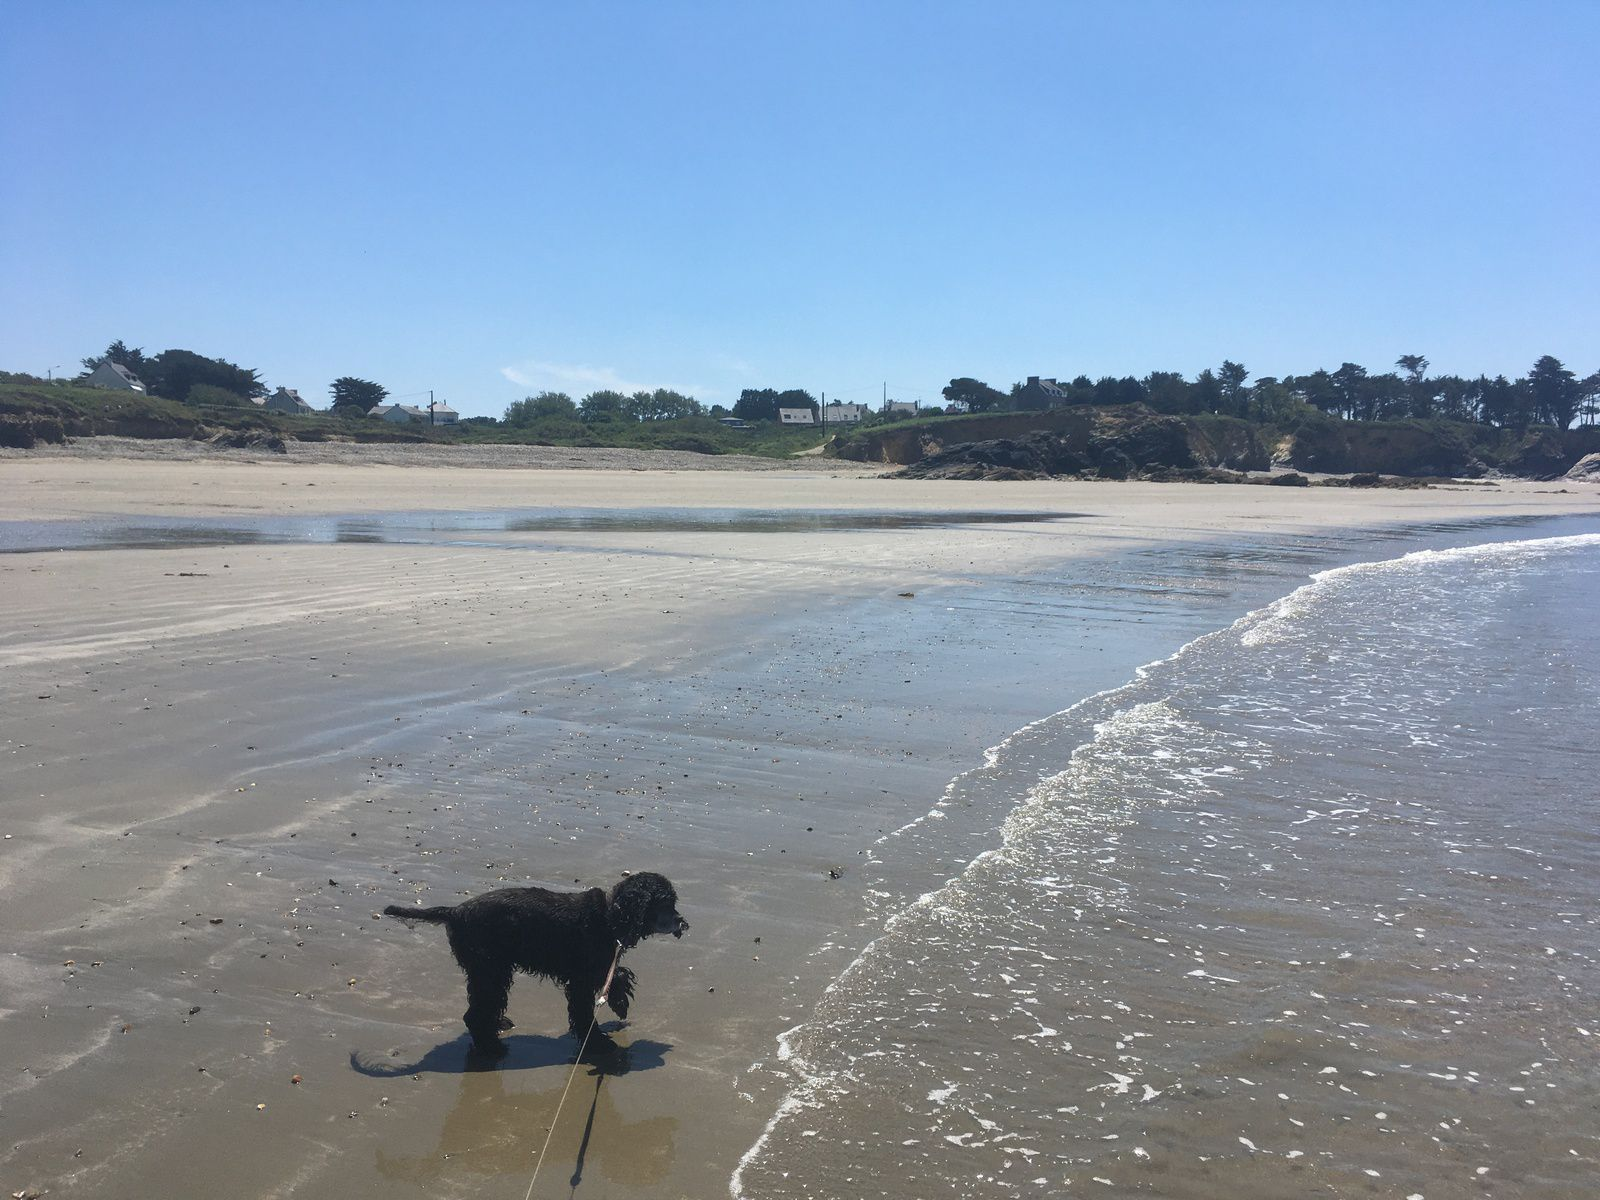 14 juin 2021 : Journée off (repos et plage)